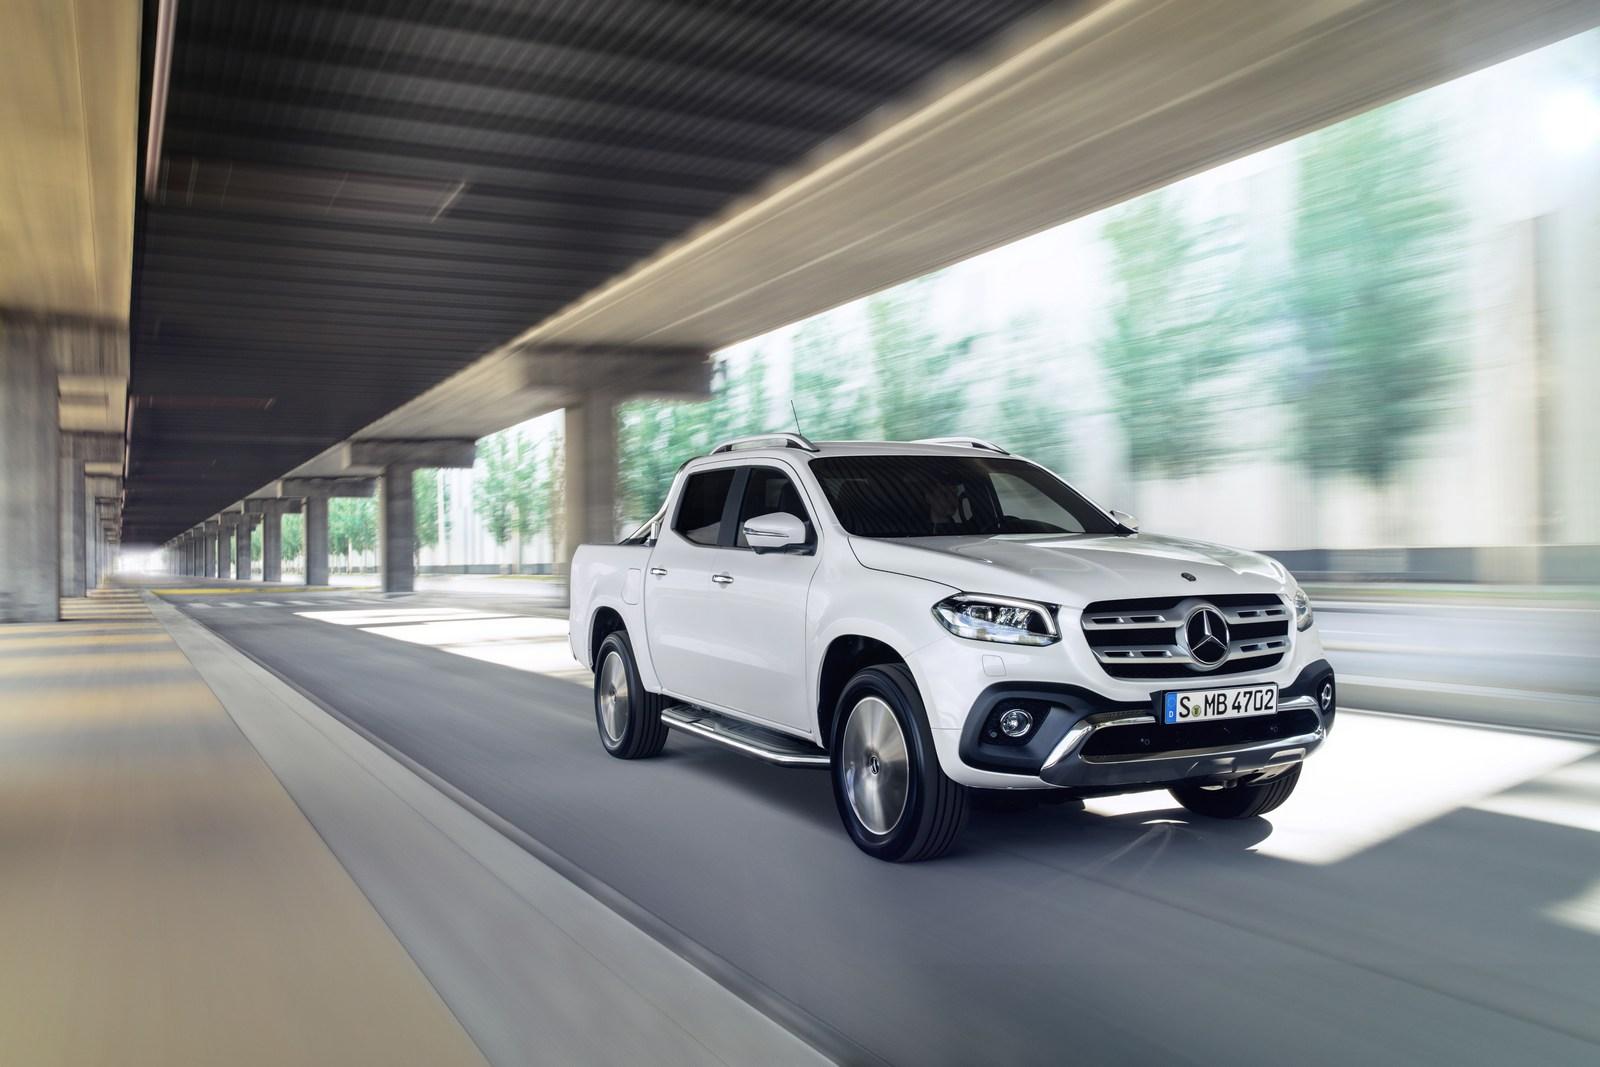 Mercedes-Benz X-Klasse – Exterieur, Beringweiß metallic, Ausstattungslinie POWER Mercedes-Benz X-Class – Exterior, bering white metallic, design and equipment line POWER